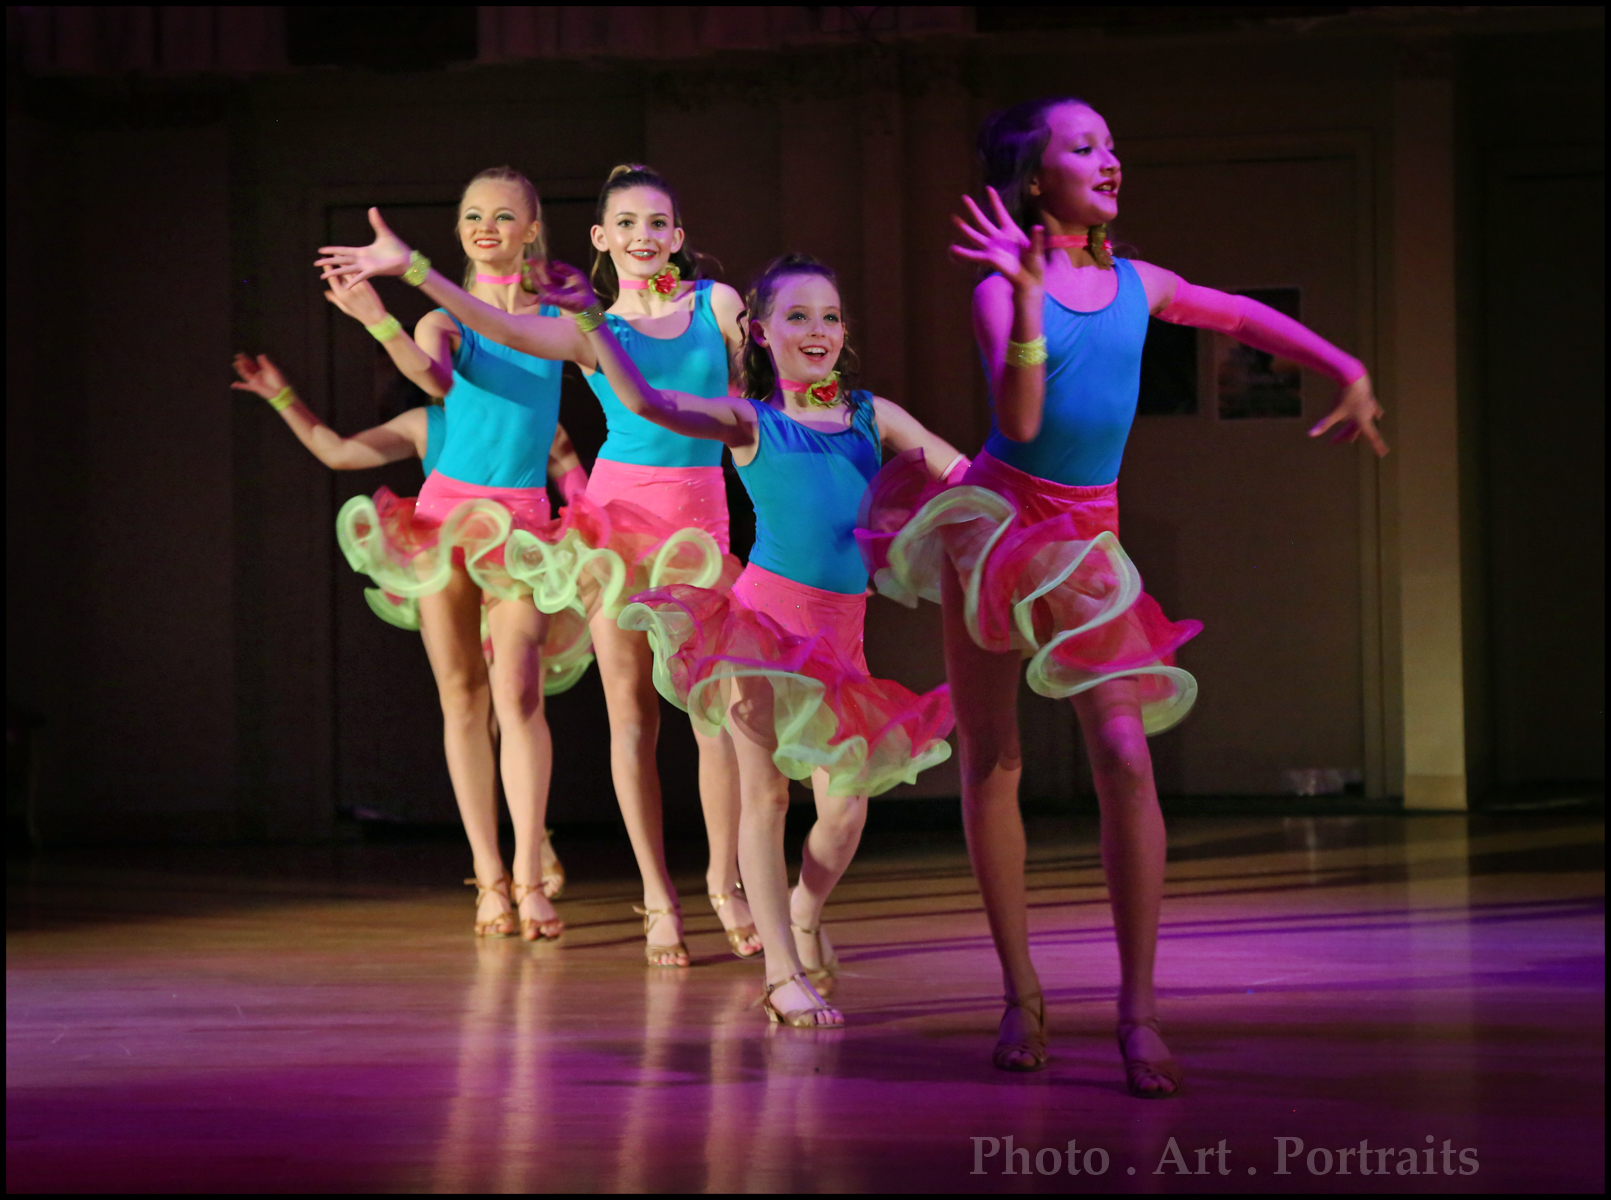 Shawn Gardner Dancing